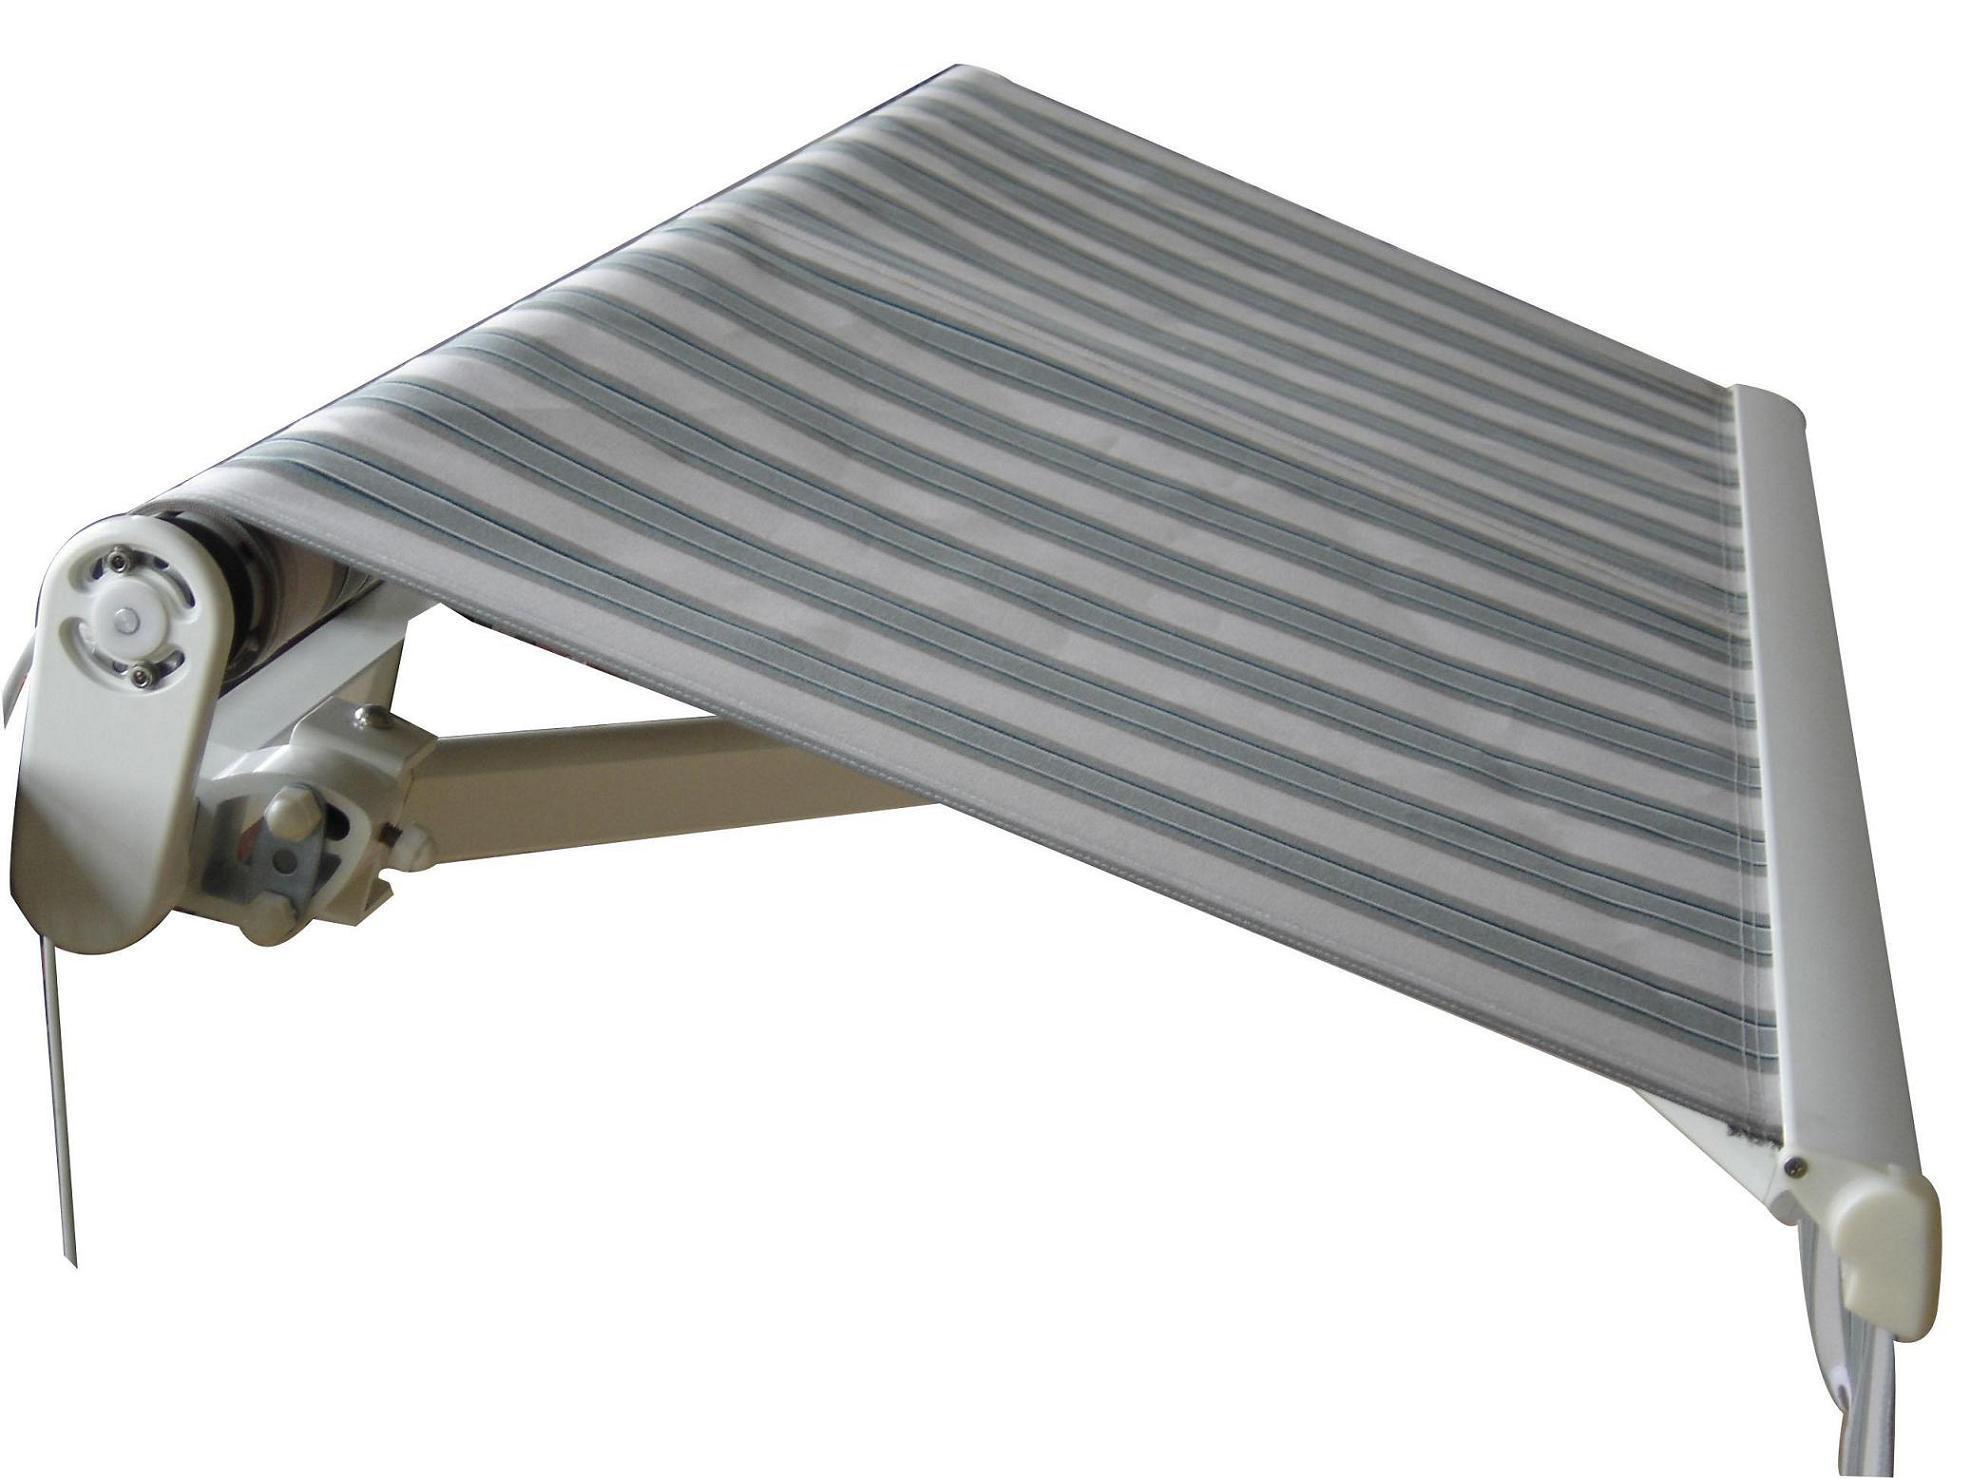 Aluminum Cassette Awning #S6000